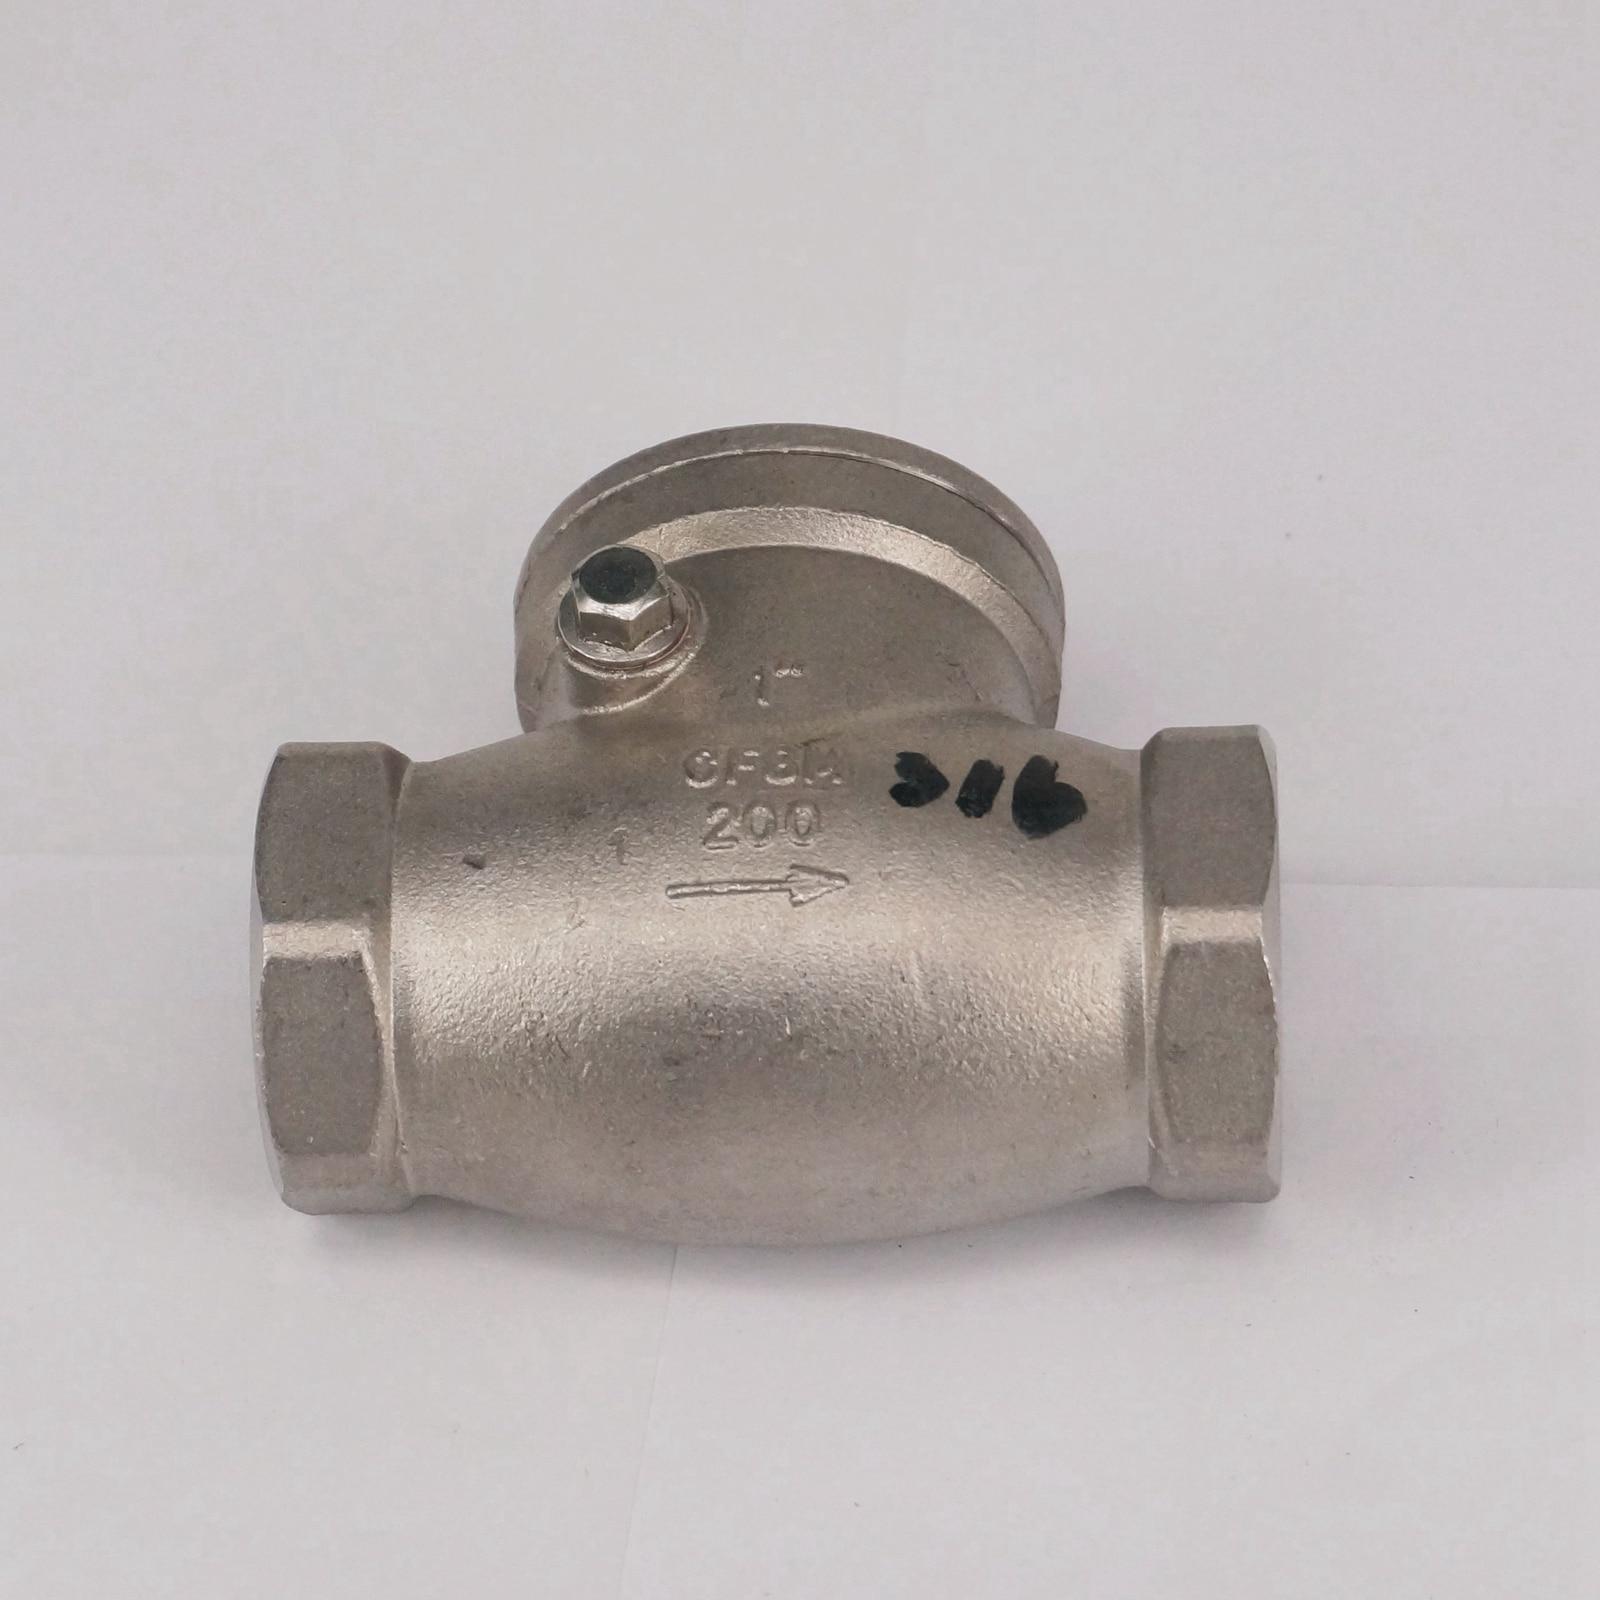 """DN25 1 """"BSP hilo femenino 304 válvula de retención de giro de acero inoxidable válvula de una vía de no retorno 229 PSI"""